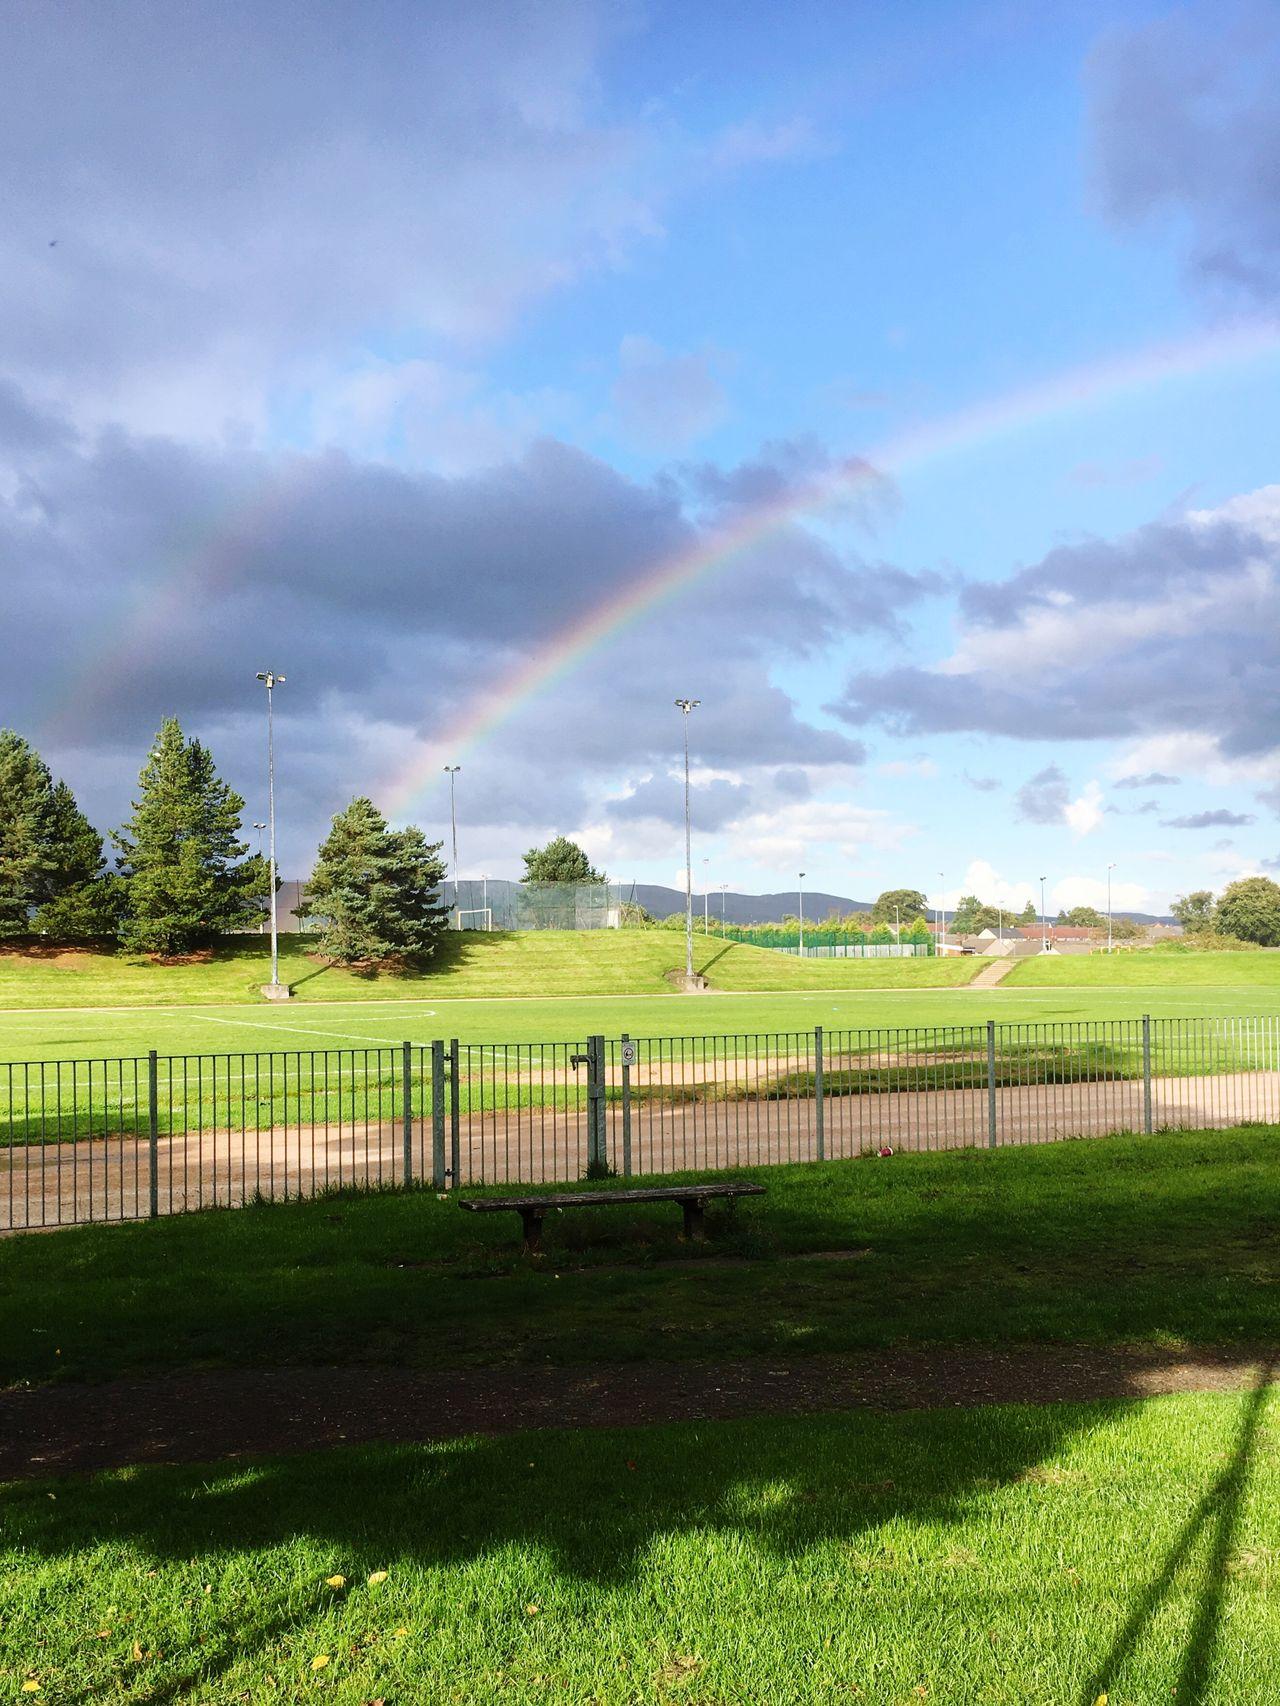 Double Rainbows Sun And Rain Cloudy Skies